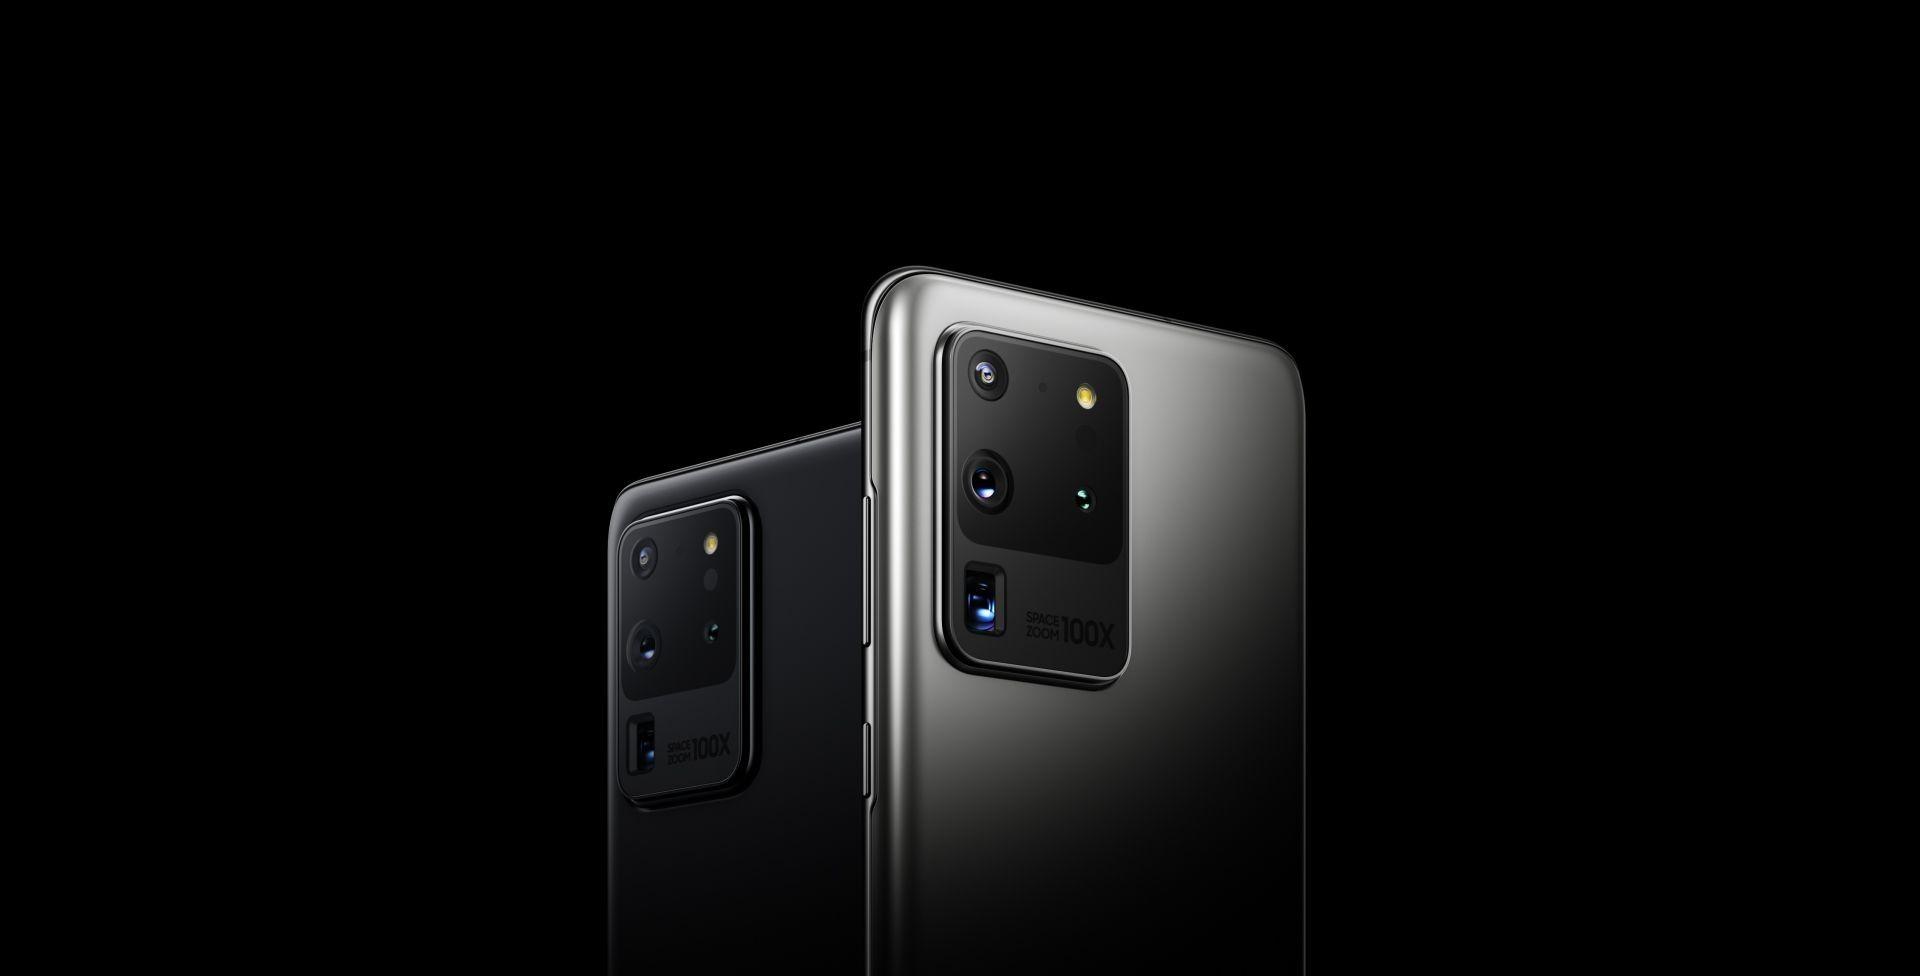 Samsung возглавил рейтинг производителей 5G смартфонов: а где китайцы?